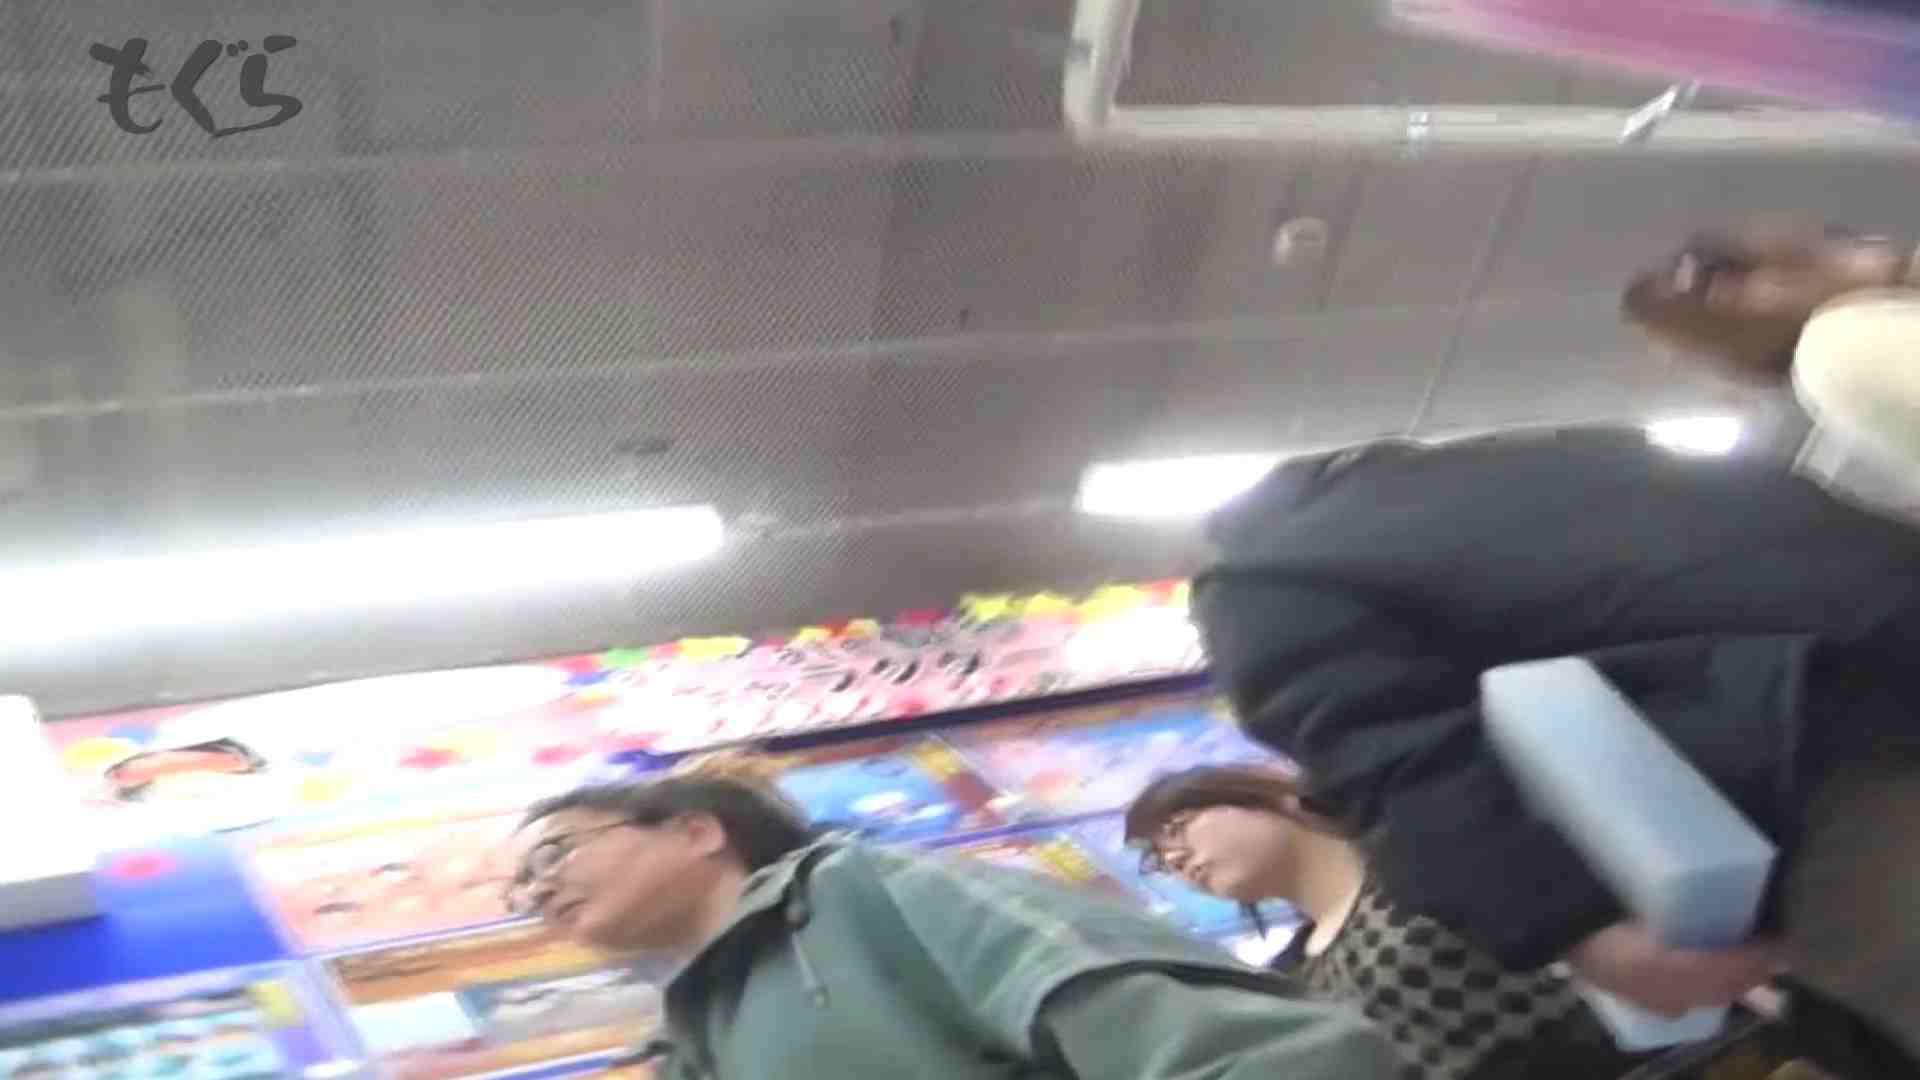 隣からNo27 清楚系お女市さん、買い物中は無防備です。 女体盗撮 隠し撮りAV無料 65連発 50